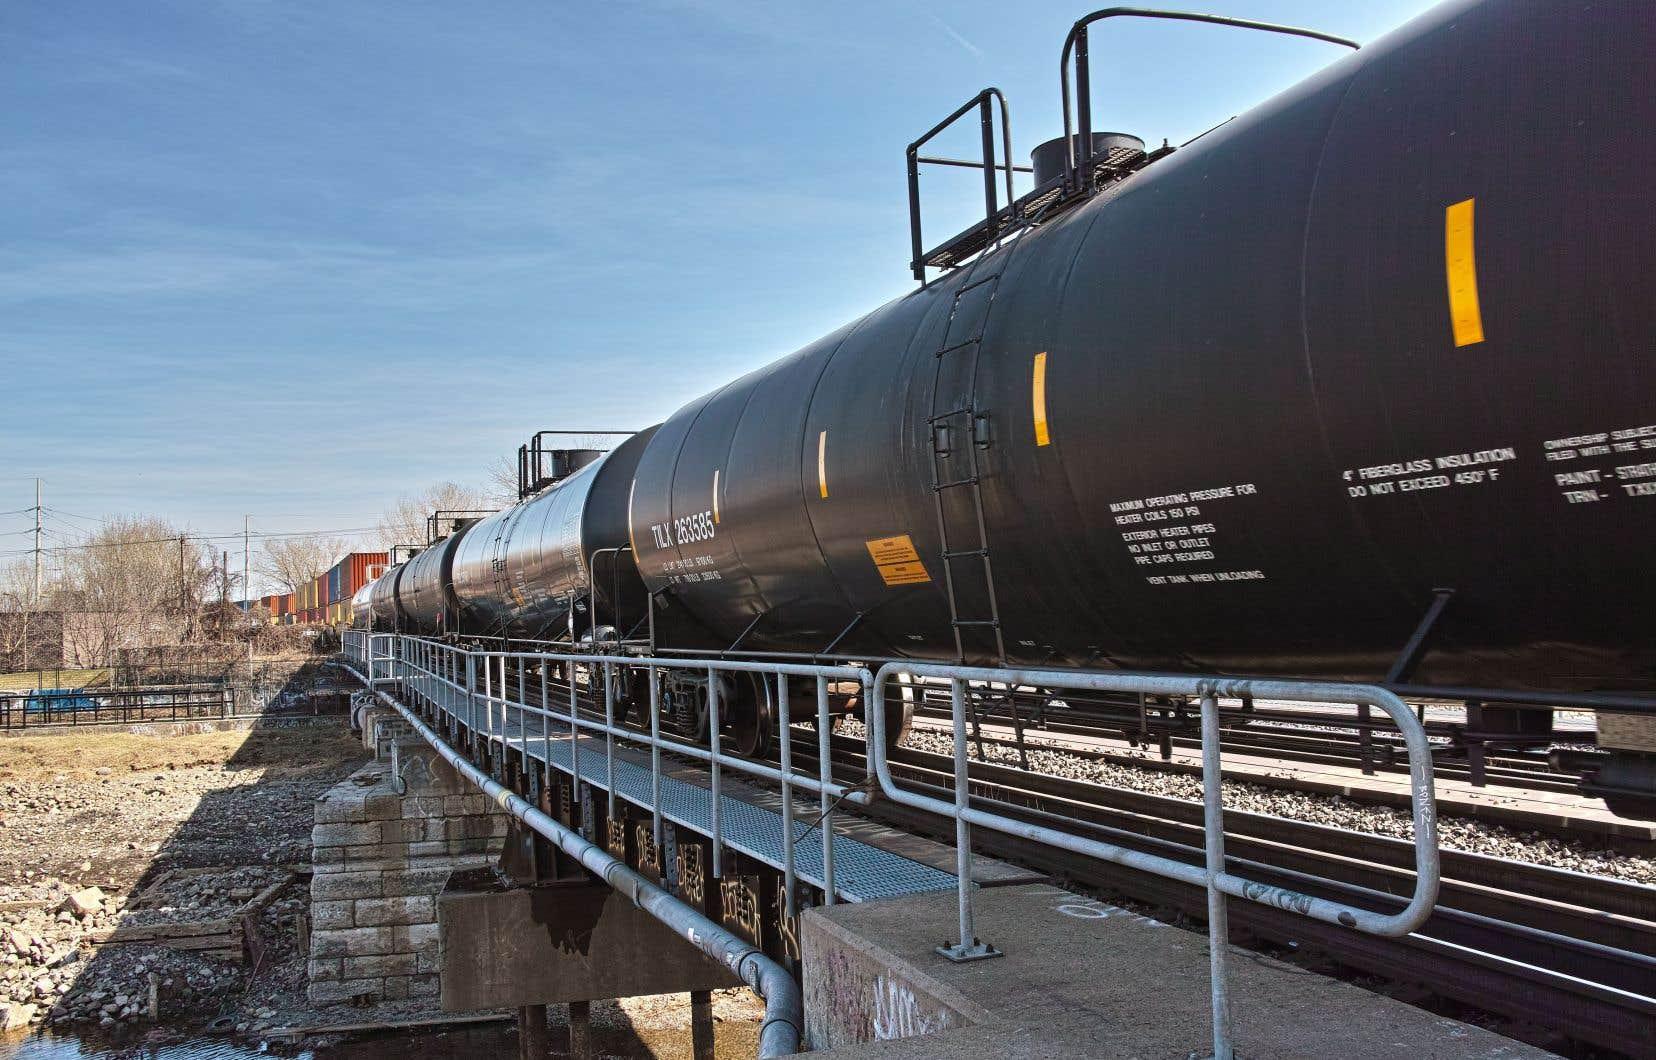 Selon l'Association of American Railways, les livraisons de pétrole et de produits pétroliers des chemins de fer du Canadien National et du Canadian Pacifique ont progressé de 23% en 2018.